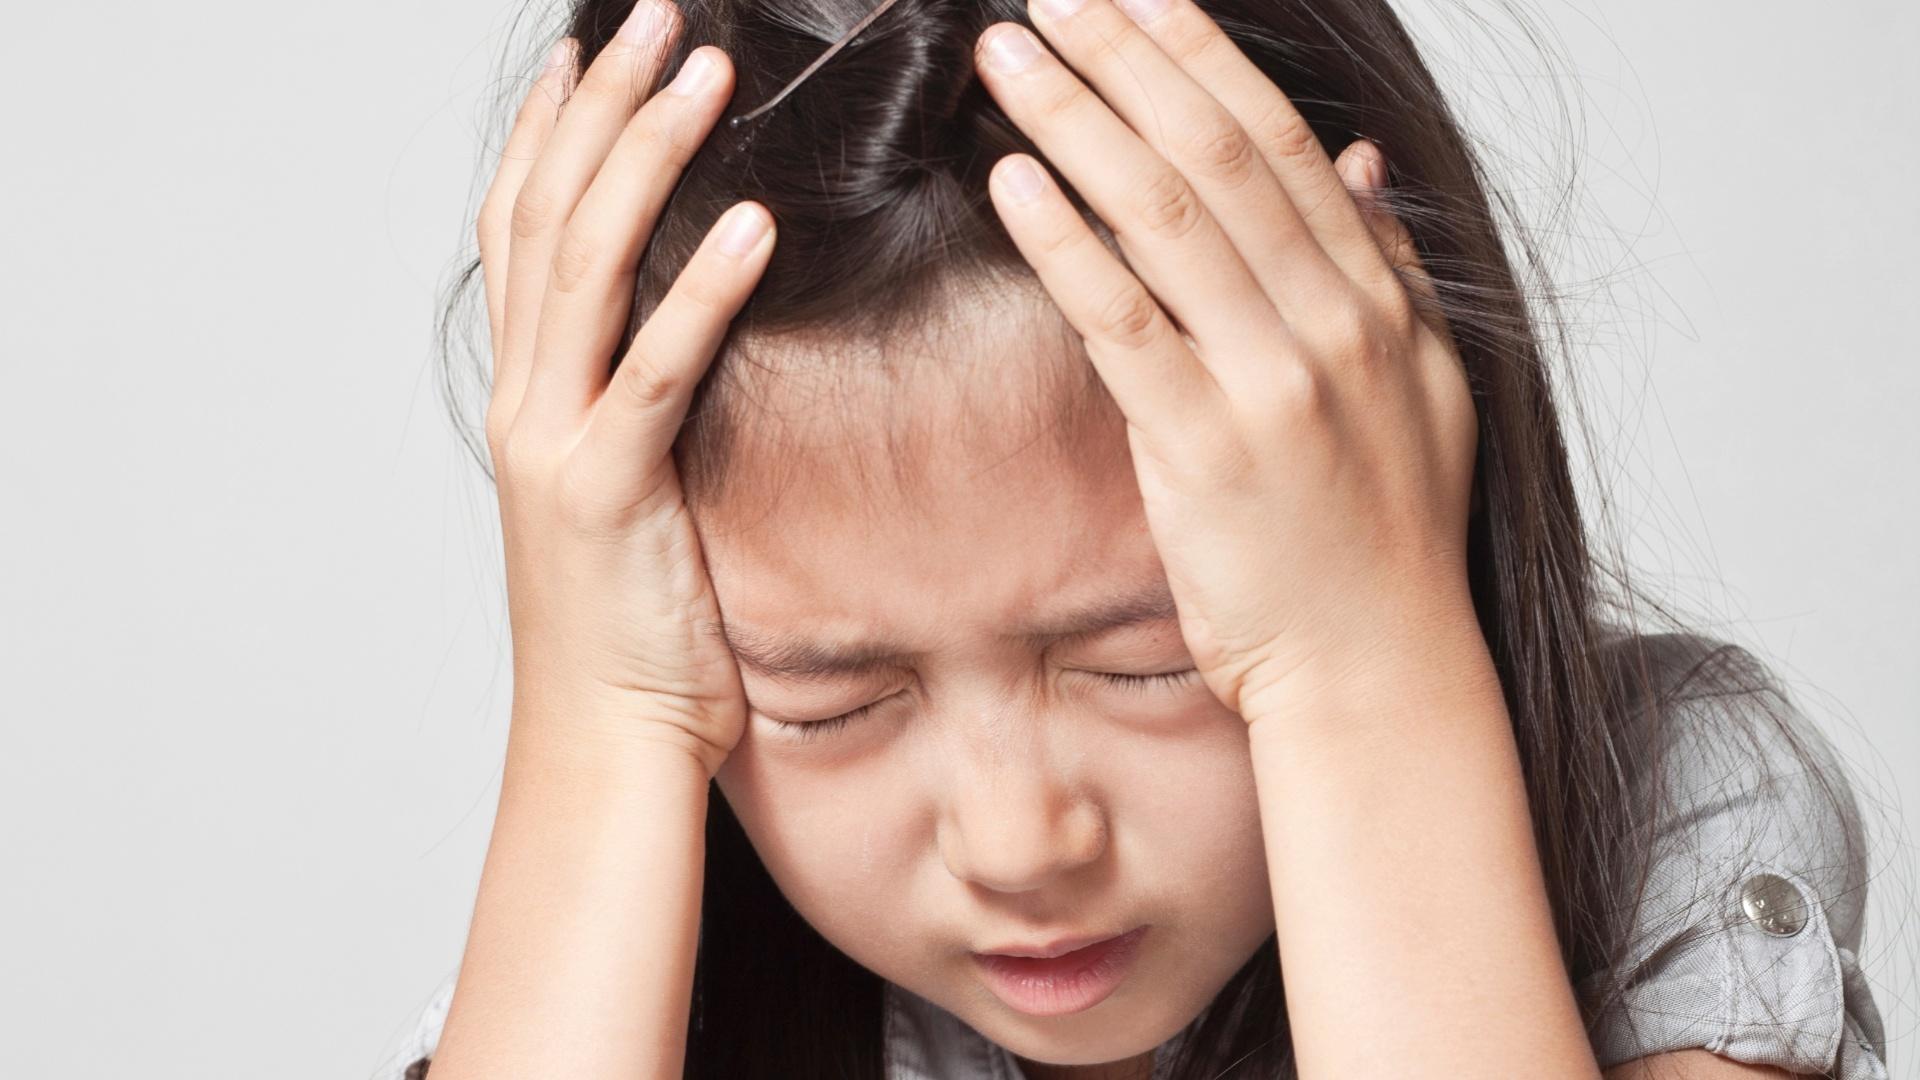 fe0192bcc Saiba quais podem ser os culpados pela dor de cabeça infantil - 17/07/2013  - UOL Universa